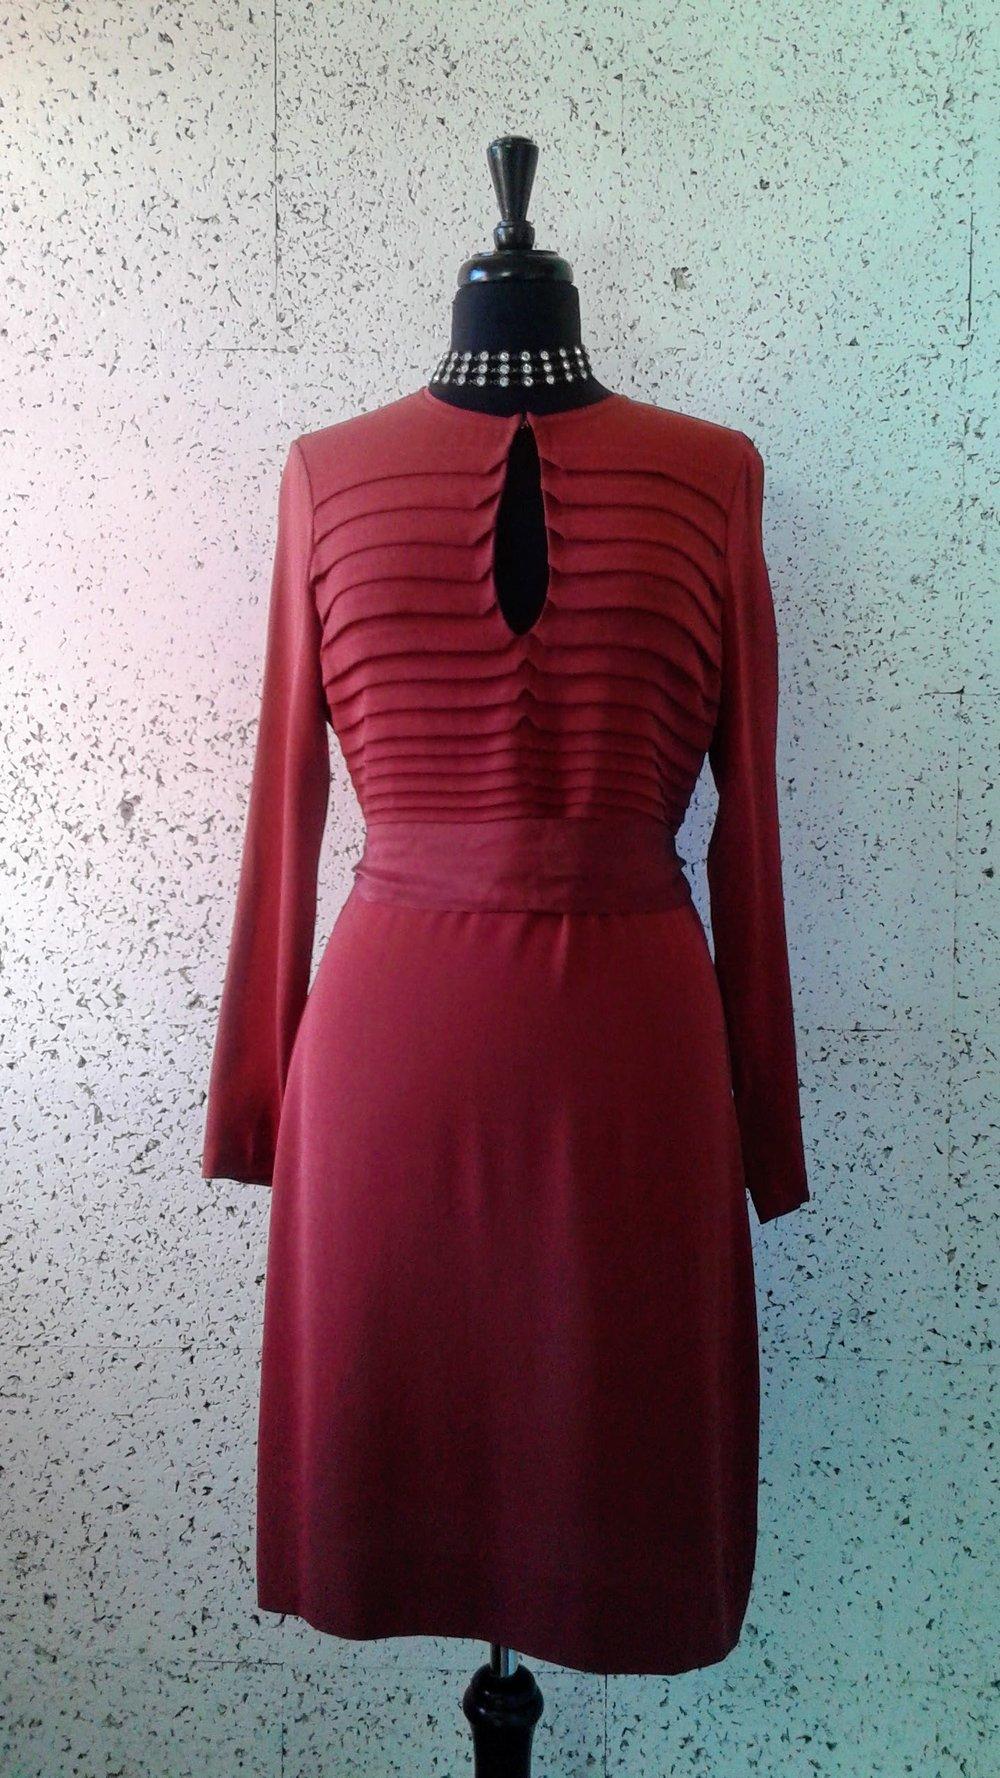 Diana von Furstenberg dress; Size 10, $150